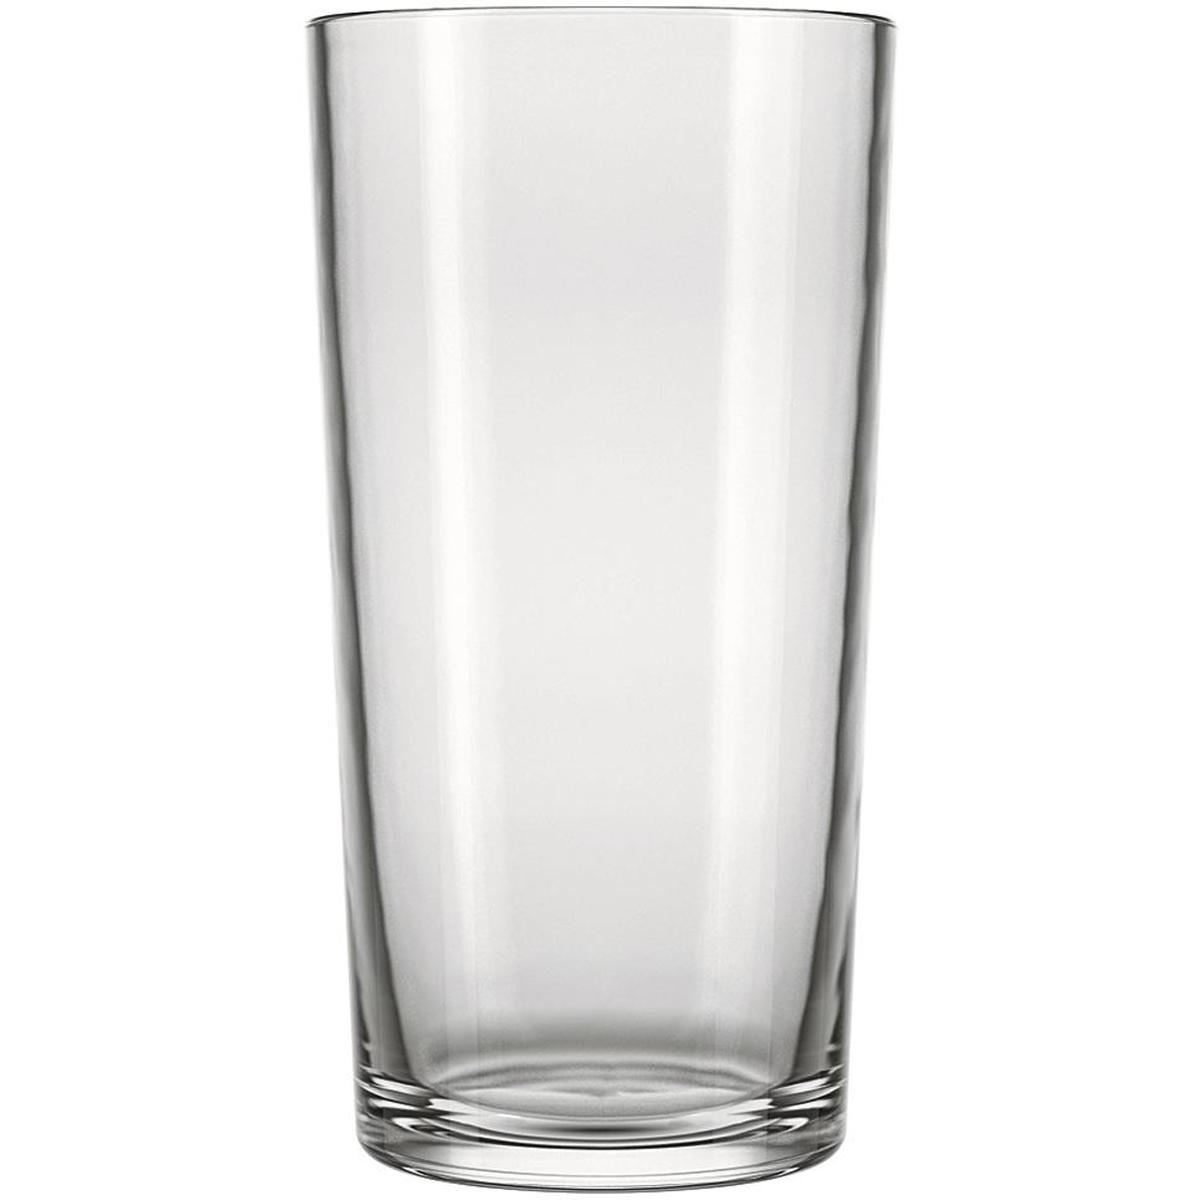 Copo para vitamina 390ml alto em vidro Transparente